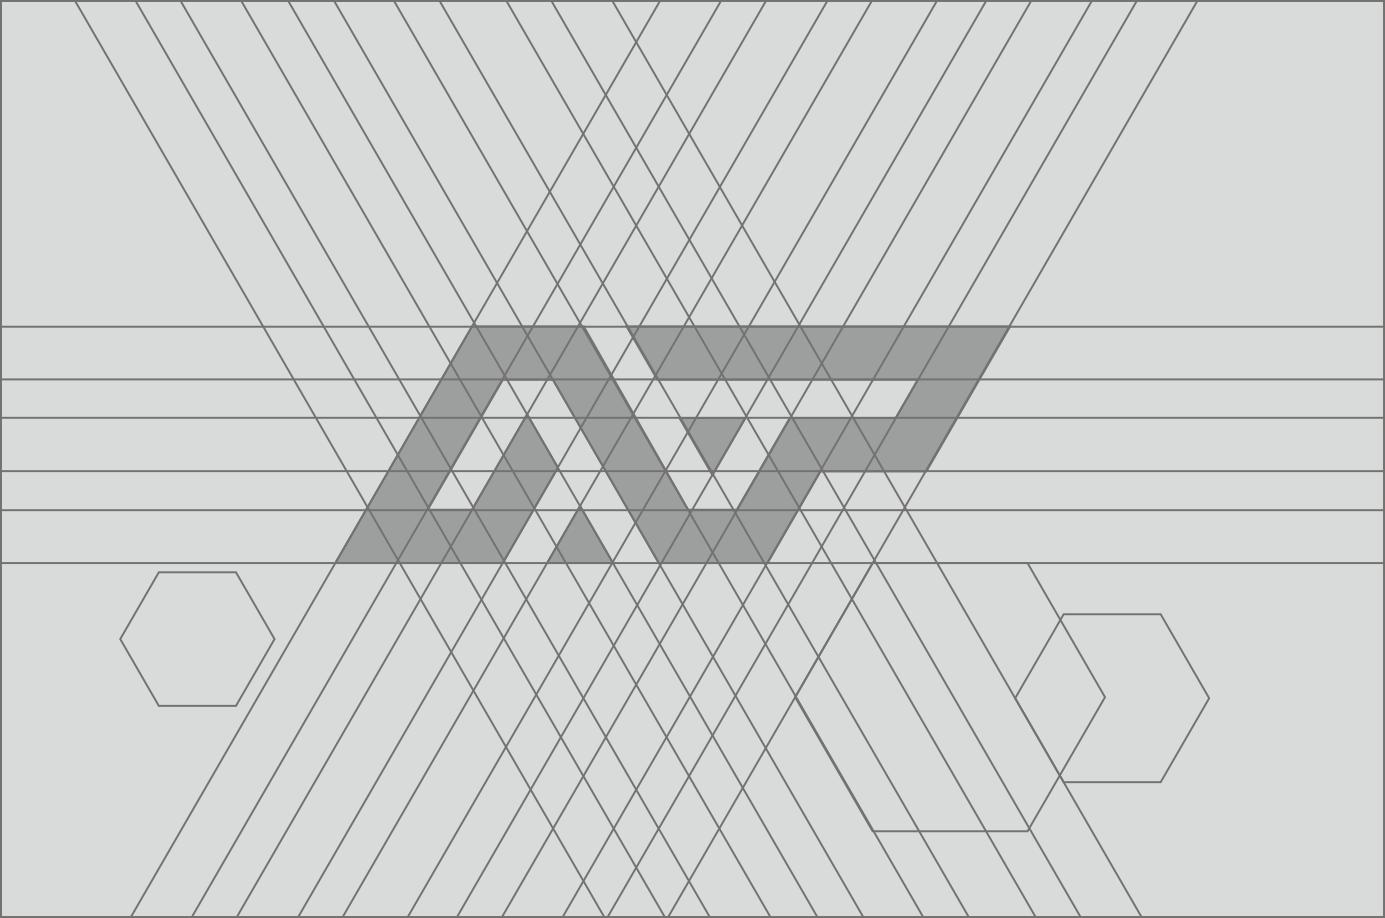 Разработка логотипа и фирменного стиля фото f_5645e834f53bf8cc.png